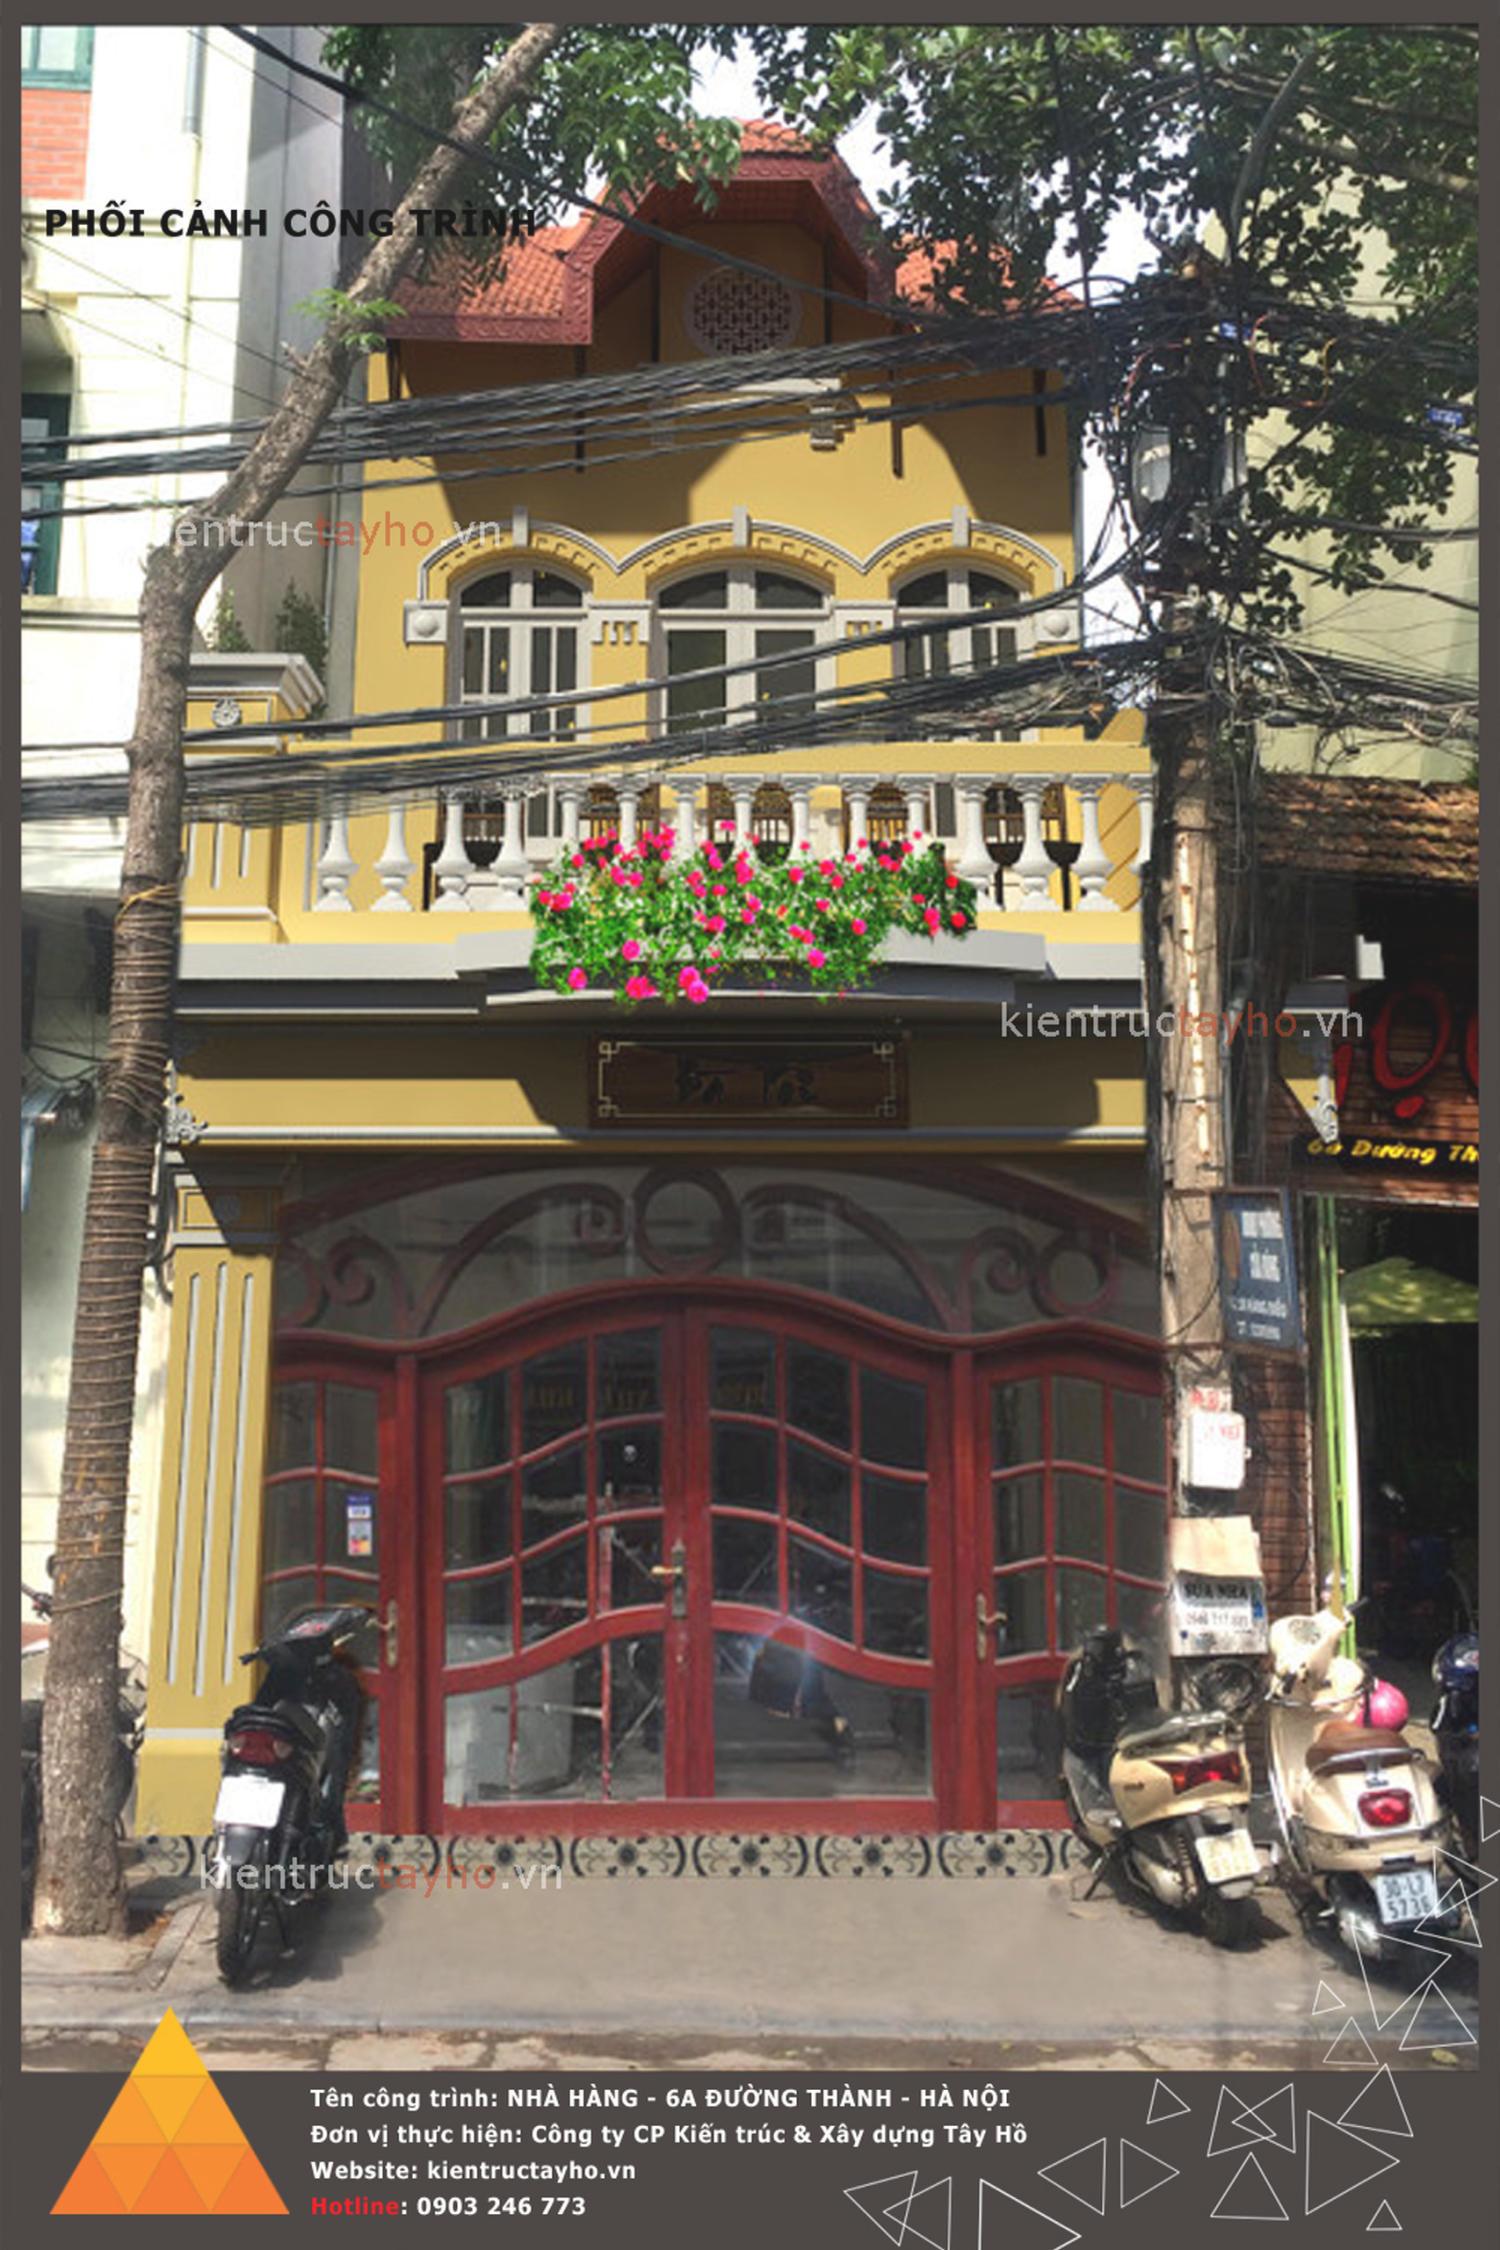 thiet-ke-nha-hang-phong-cach-dong-que-6a (1).jpg